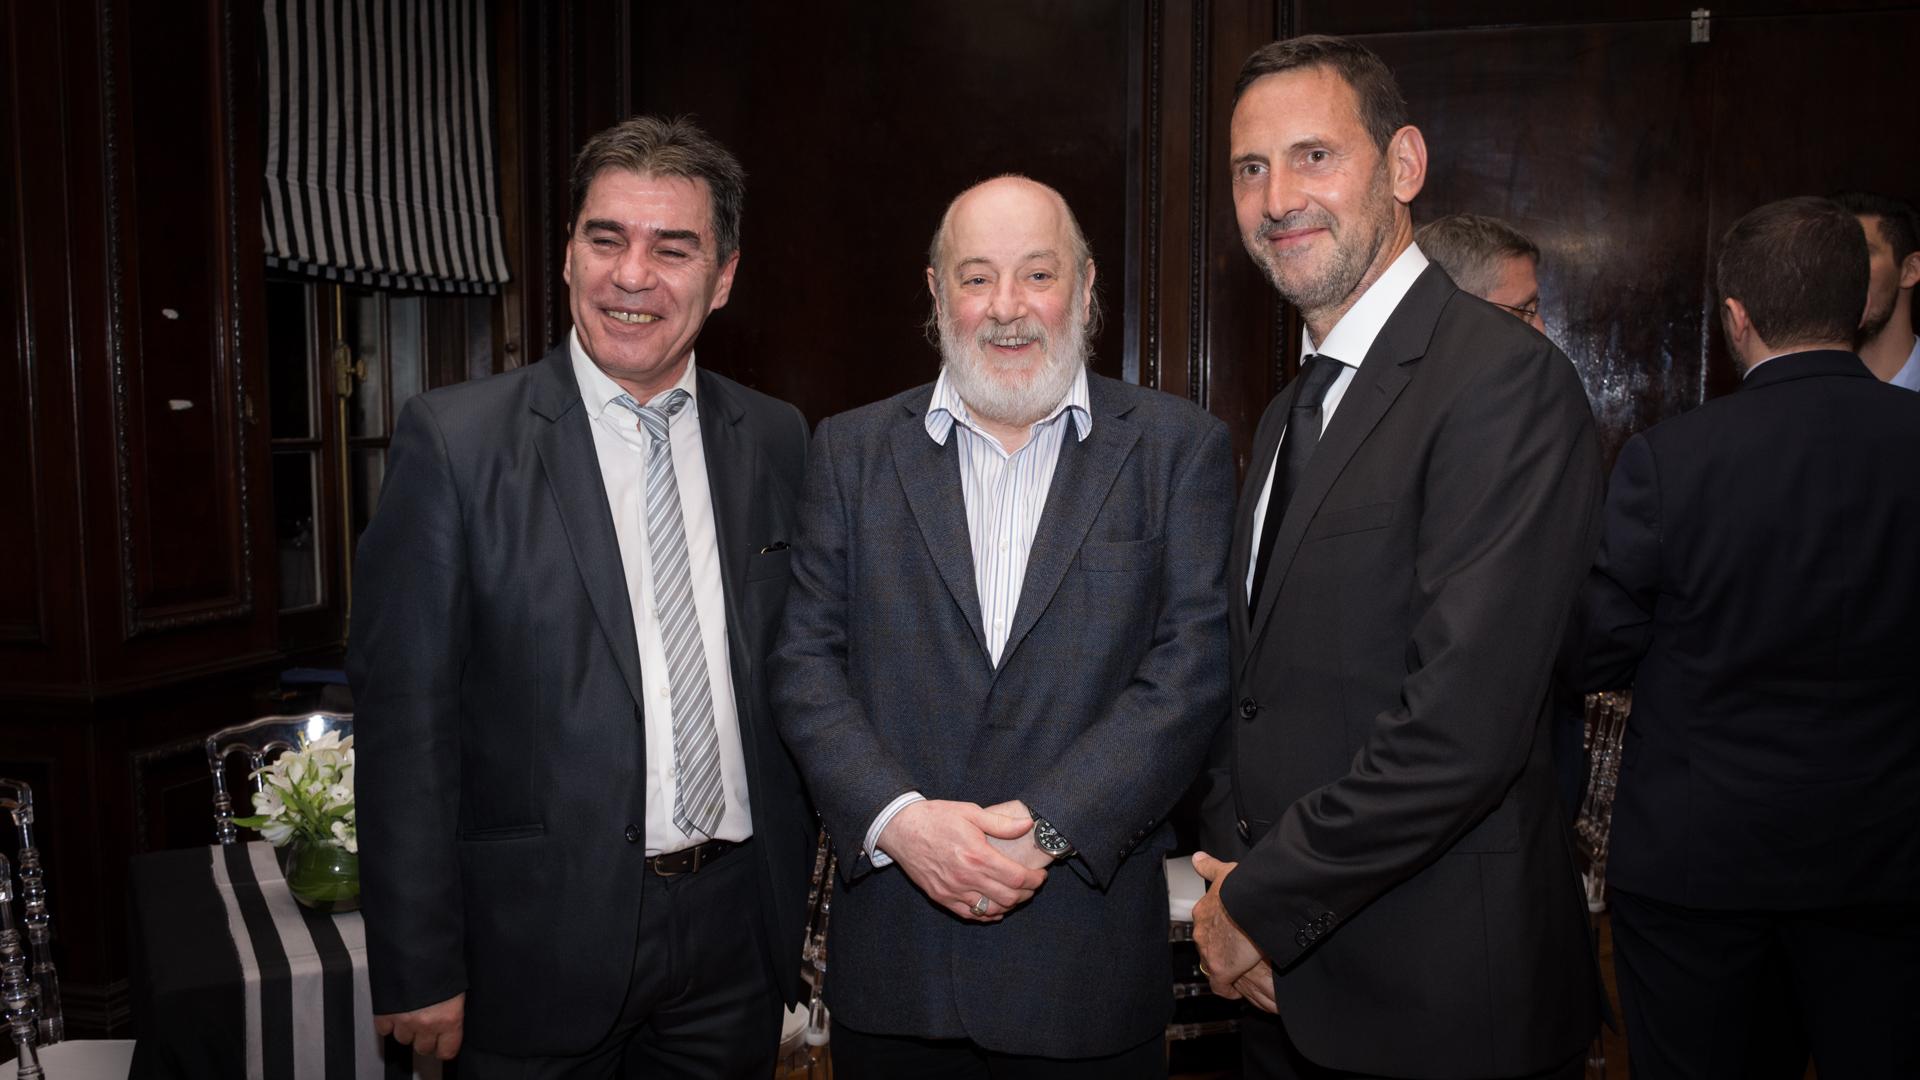 George Chaya analista y columnista especializado en zonas de conflicto, Claudio Bonadio, Juan Félix Marteau